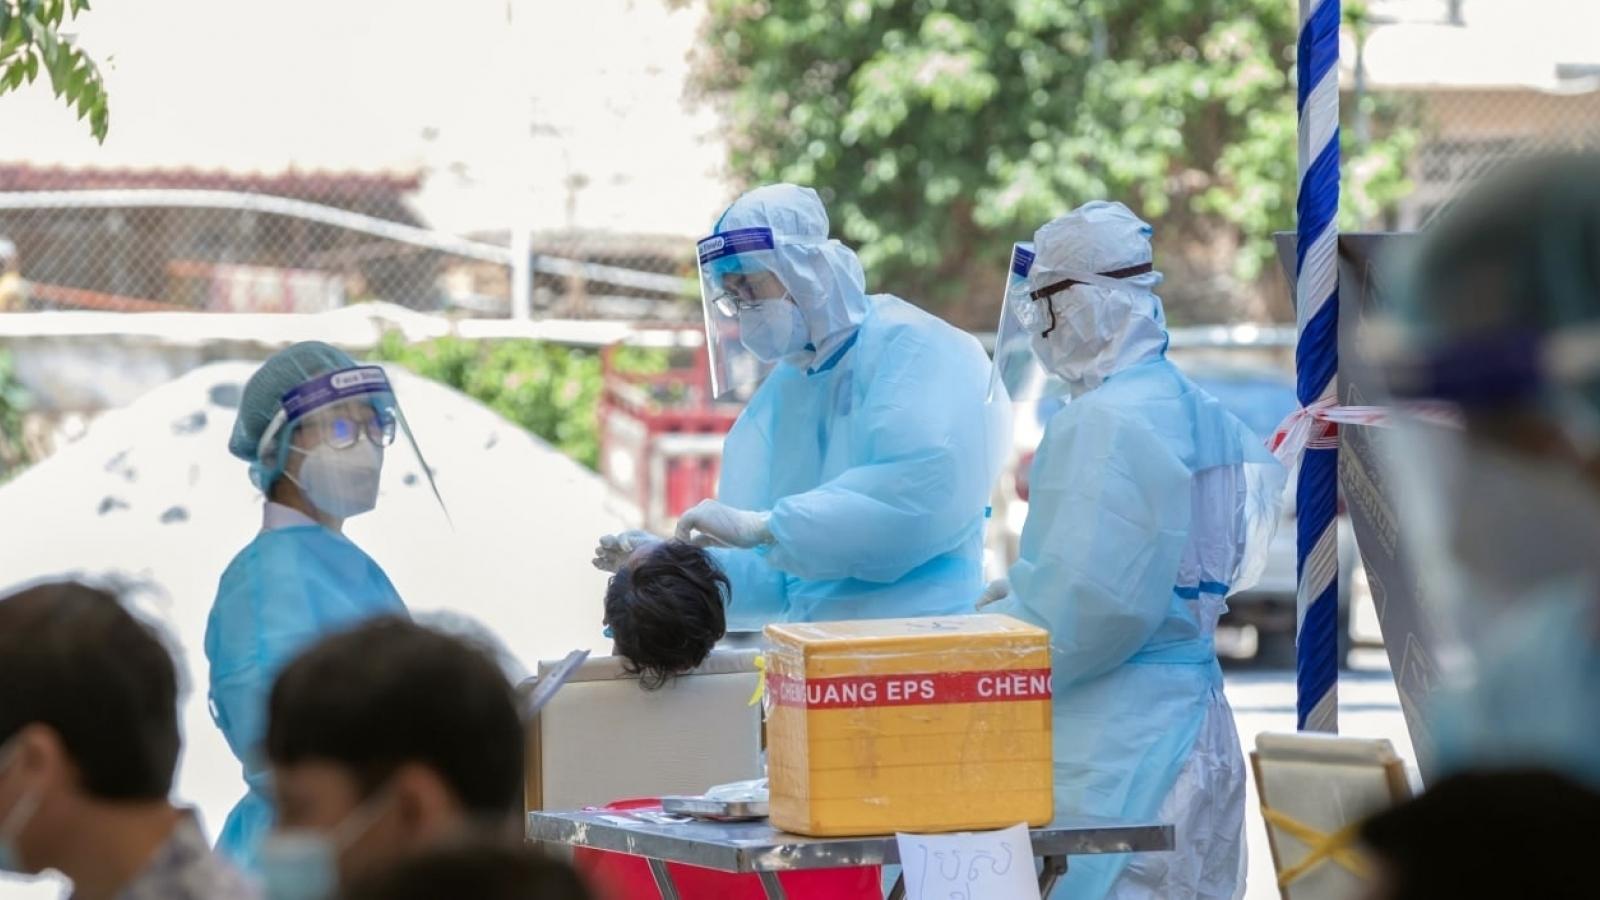 """Ghi nhận thêm 840 ca Covid-19, Campuchia tăng cường tiêm vaccine tại """"vùng đỏ"""""""